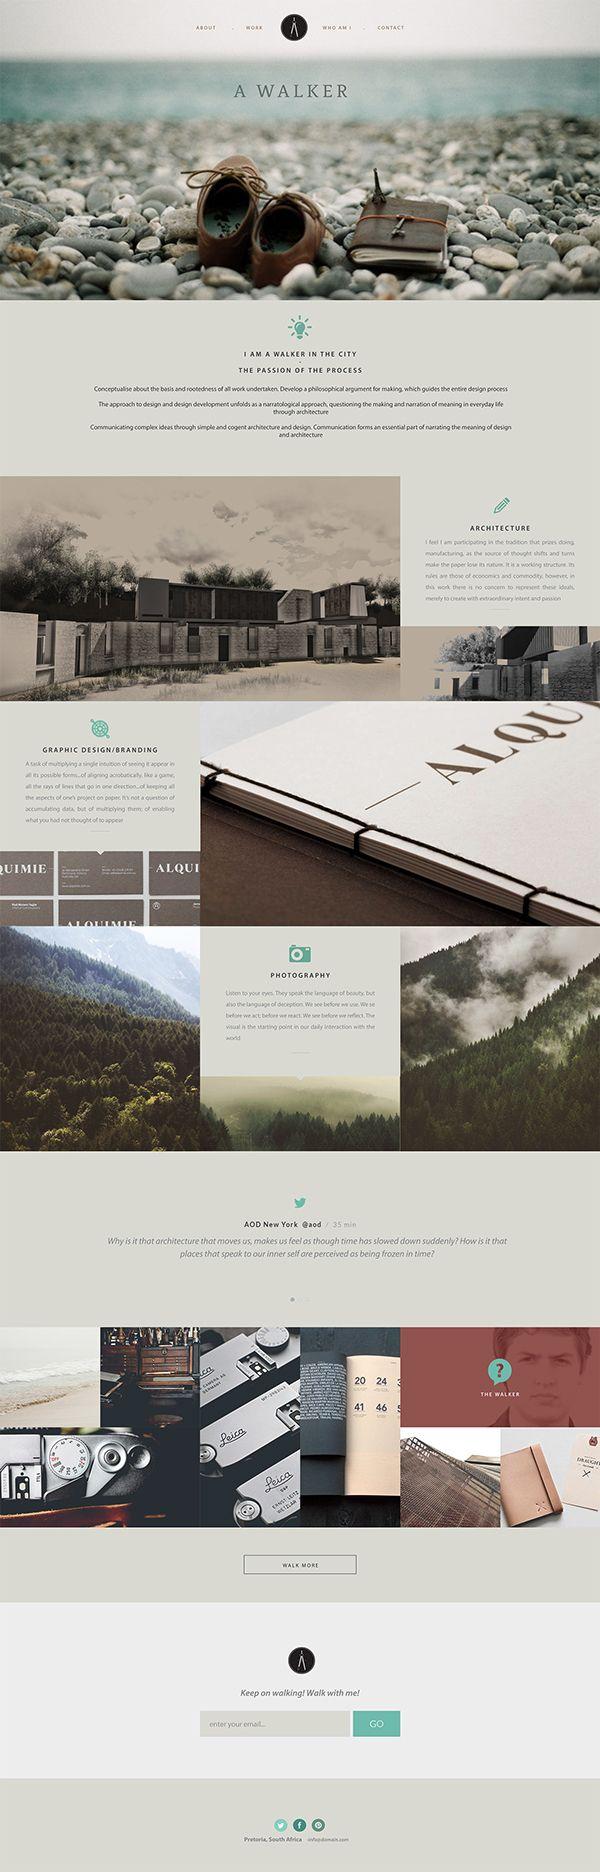 A Walker - Architecture & Design Portfolio Brand by Justin Coetzee, via Behance